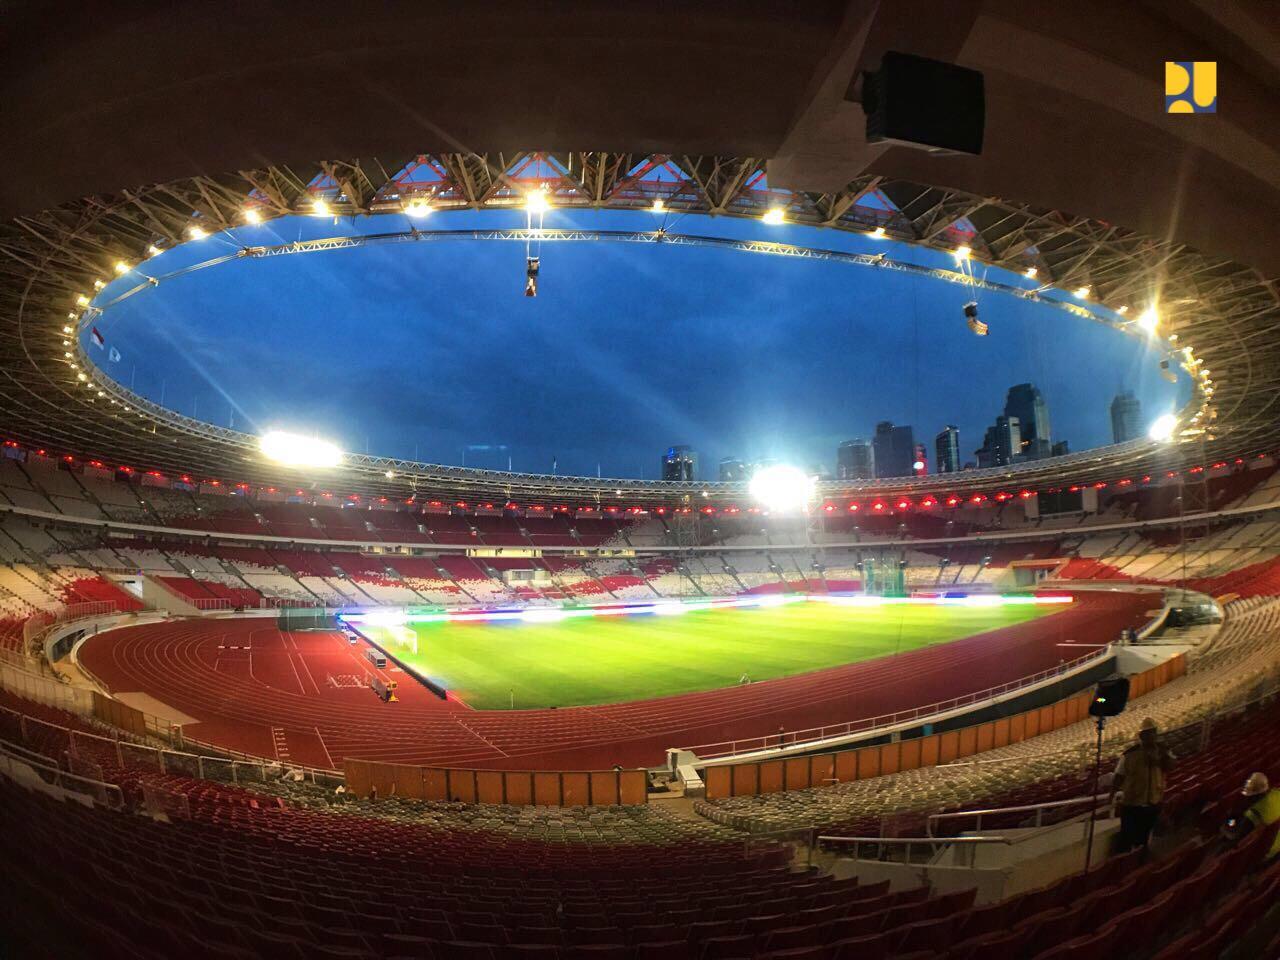 Anggaran Rp 65-300 Miliar, Pemerintah Targetkan Perbaikan 'Venue' Piala Dunia FIFA U-20 Selesai Desember 2020 113